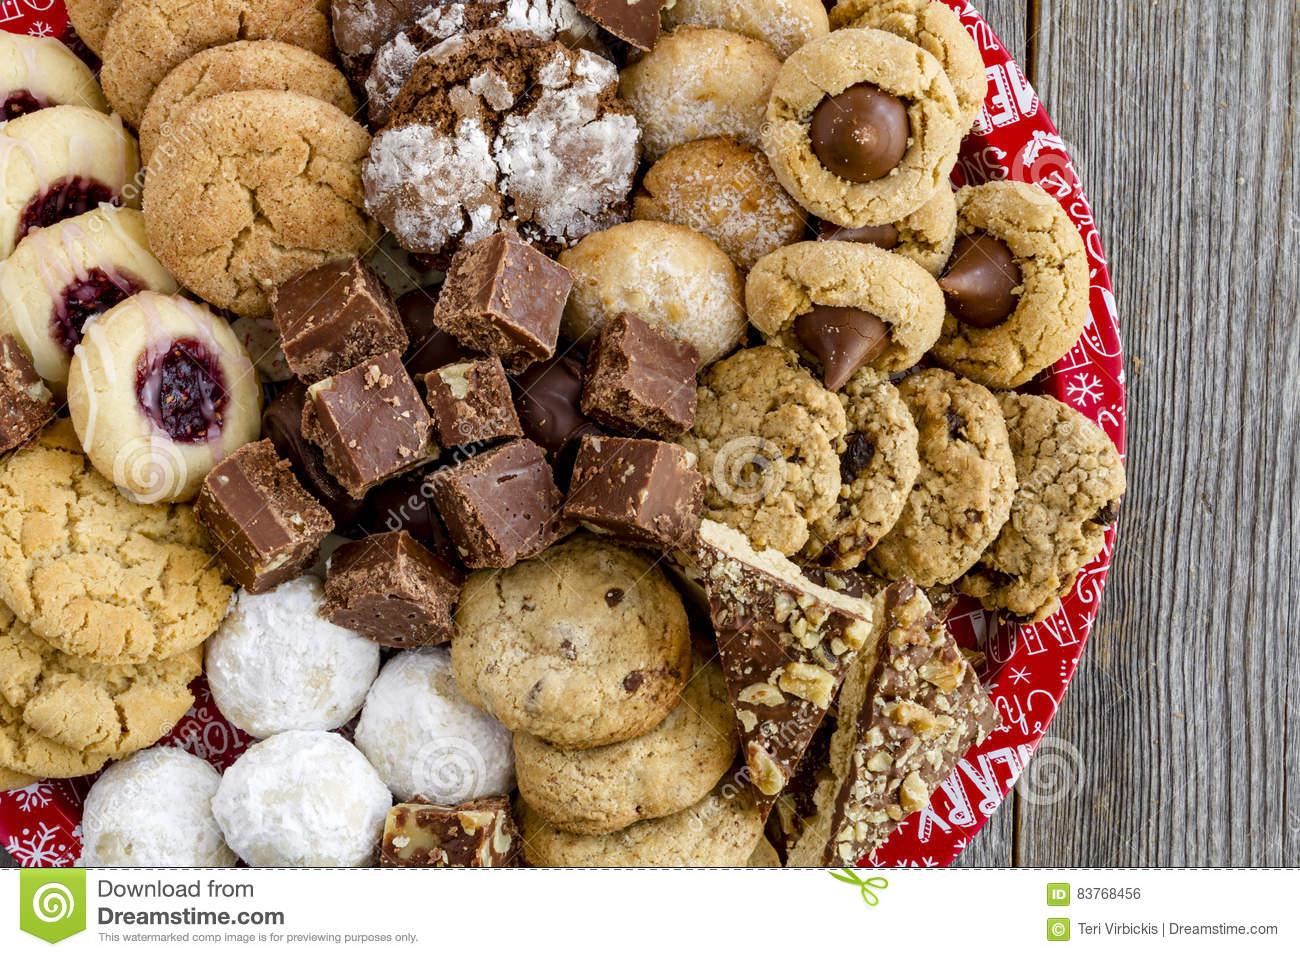 Holiday Bake Sale Food Dining Magazine